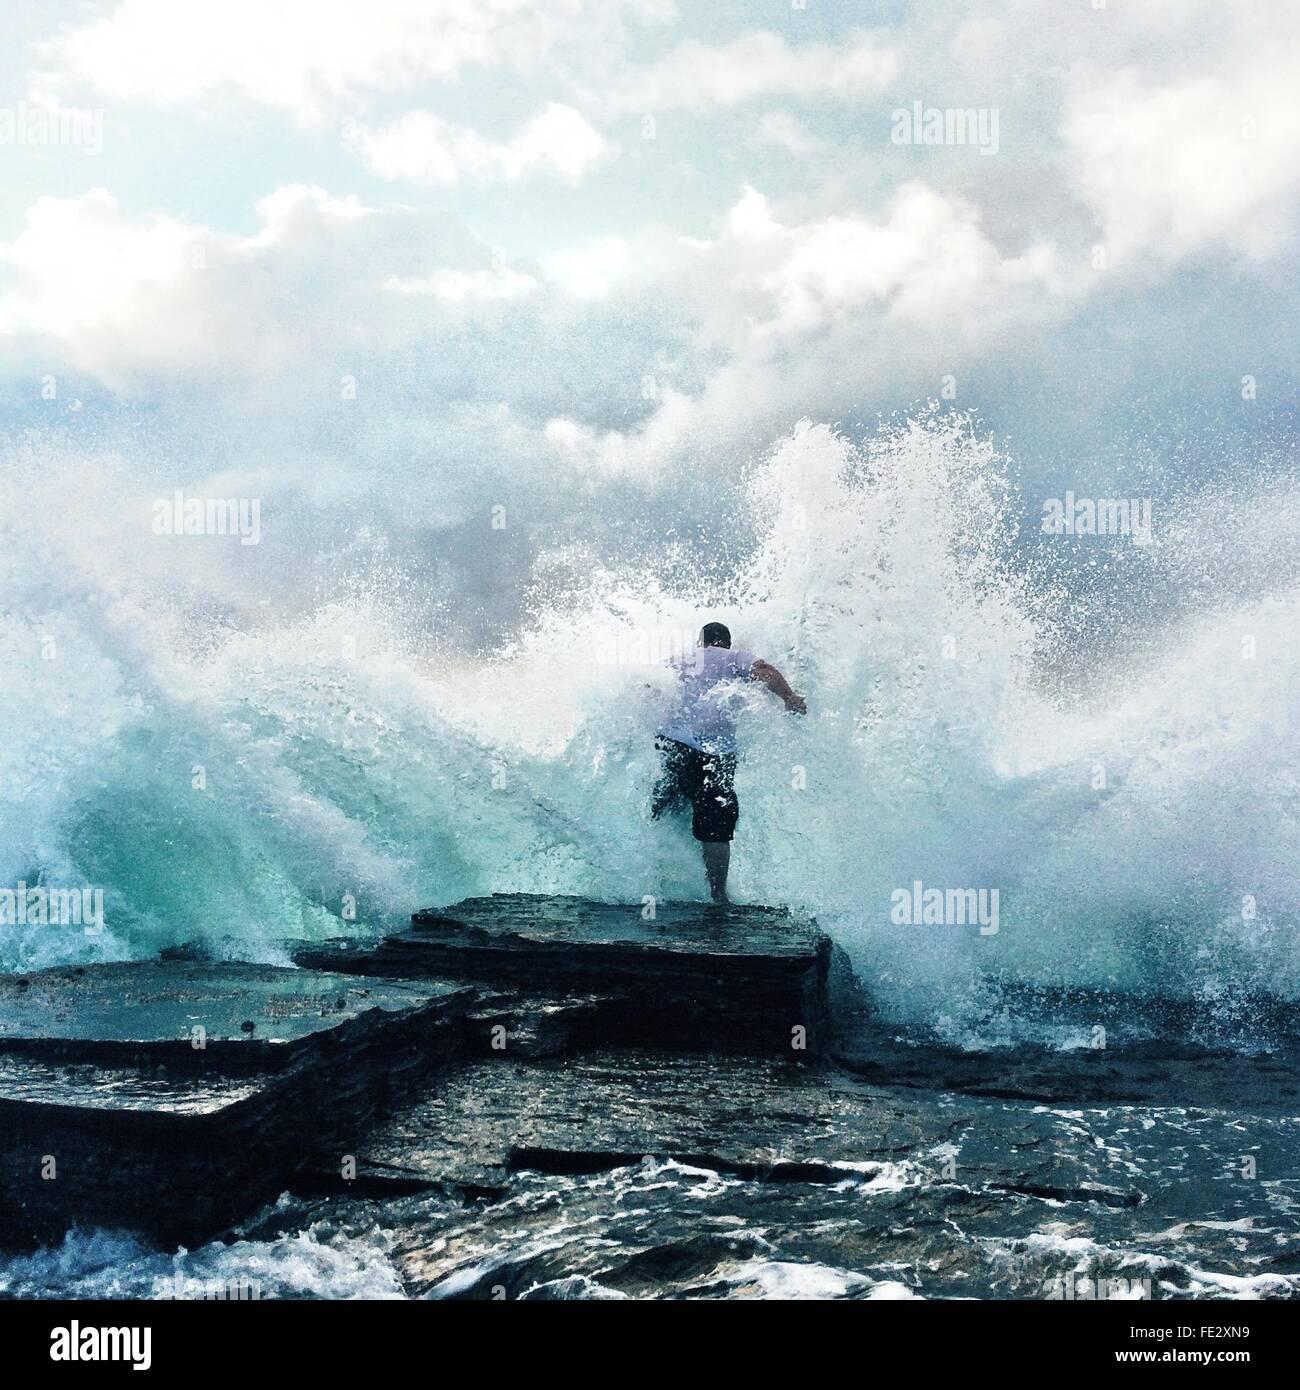 Waves Crashing At Rocks And Man - Stock Image